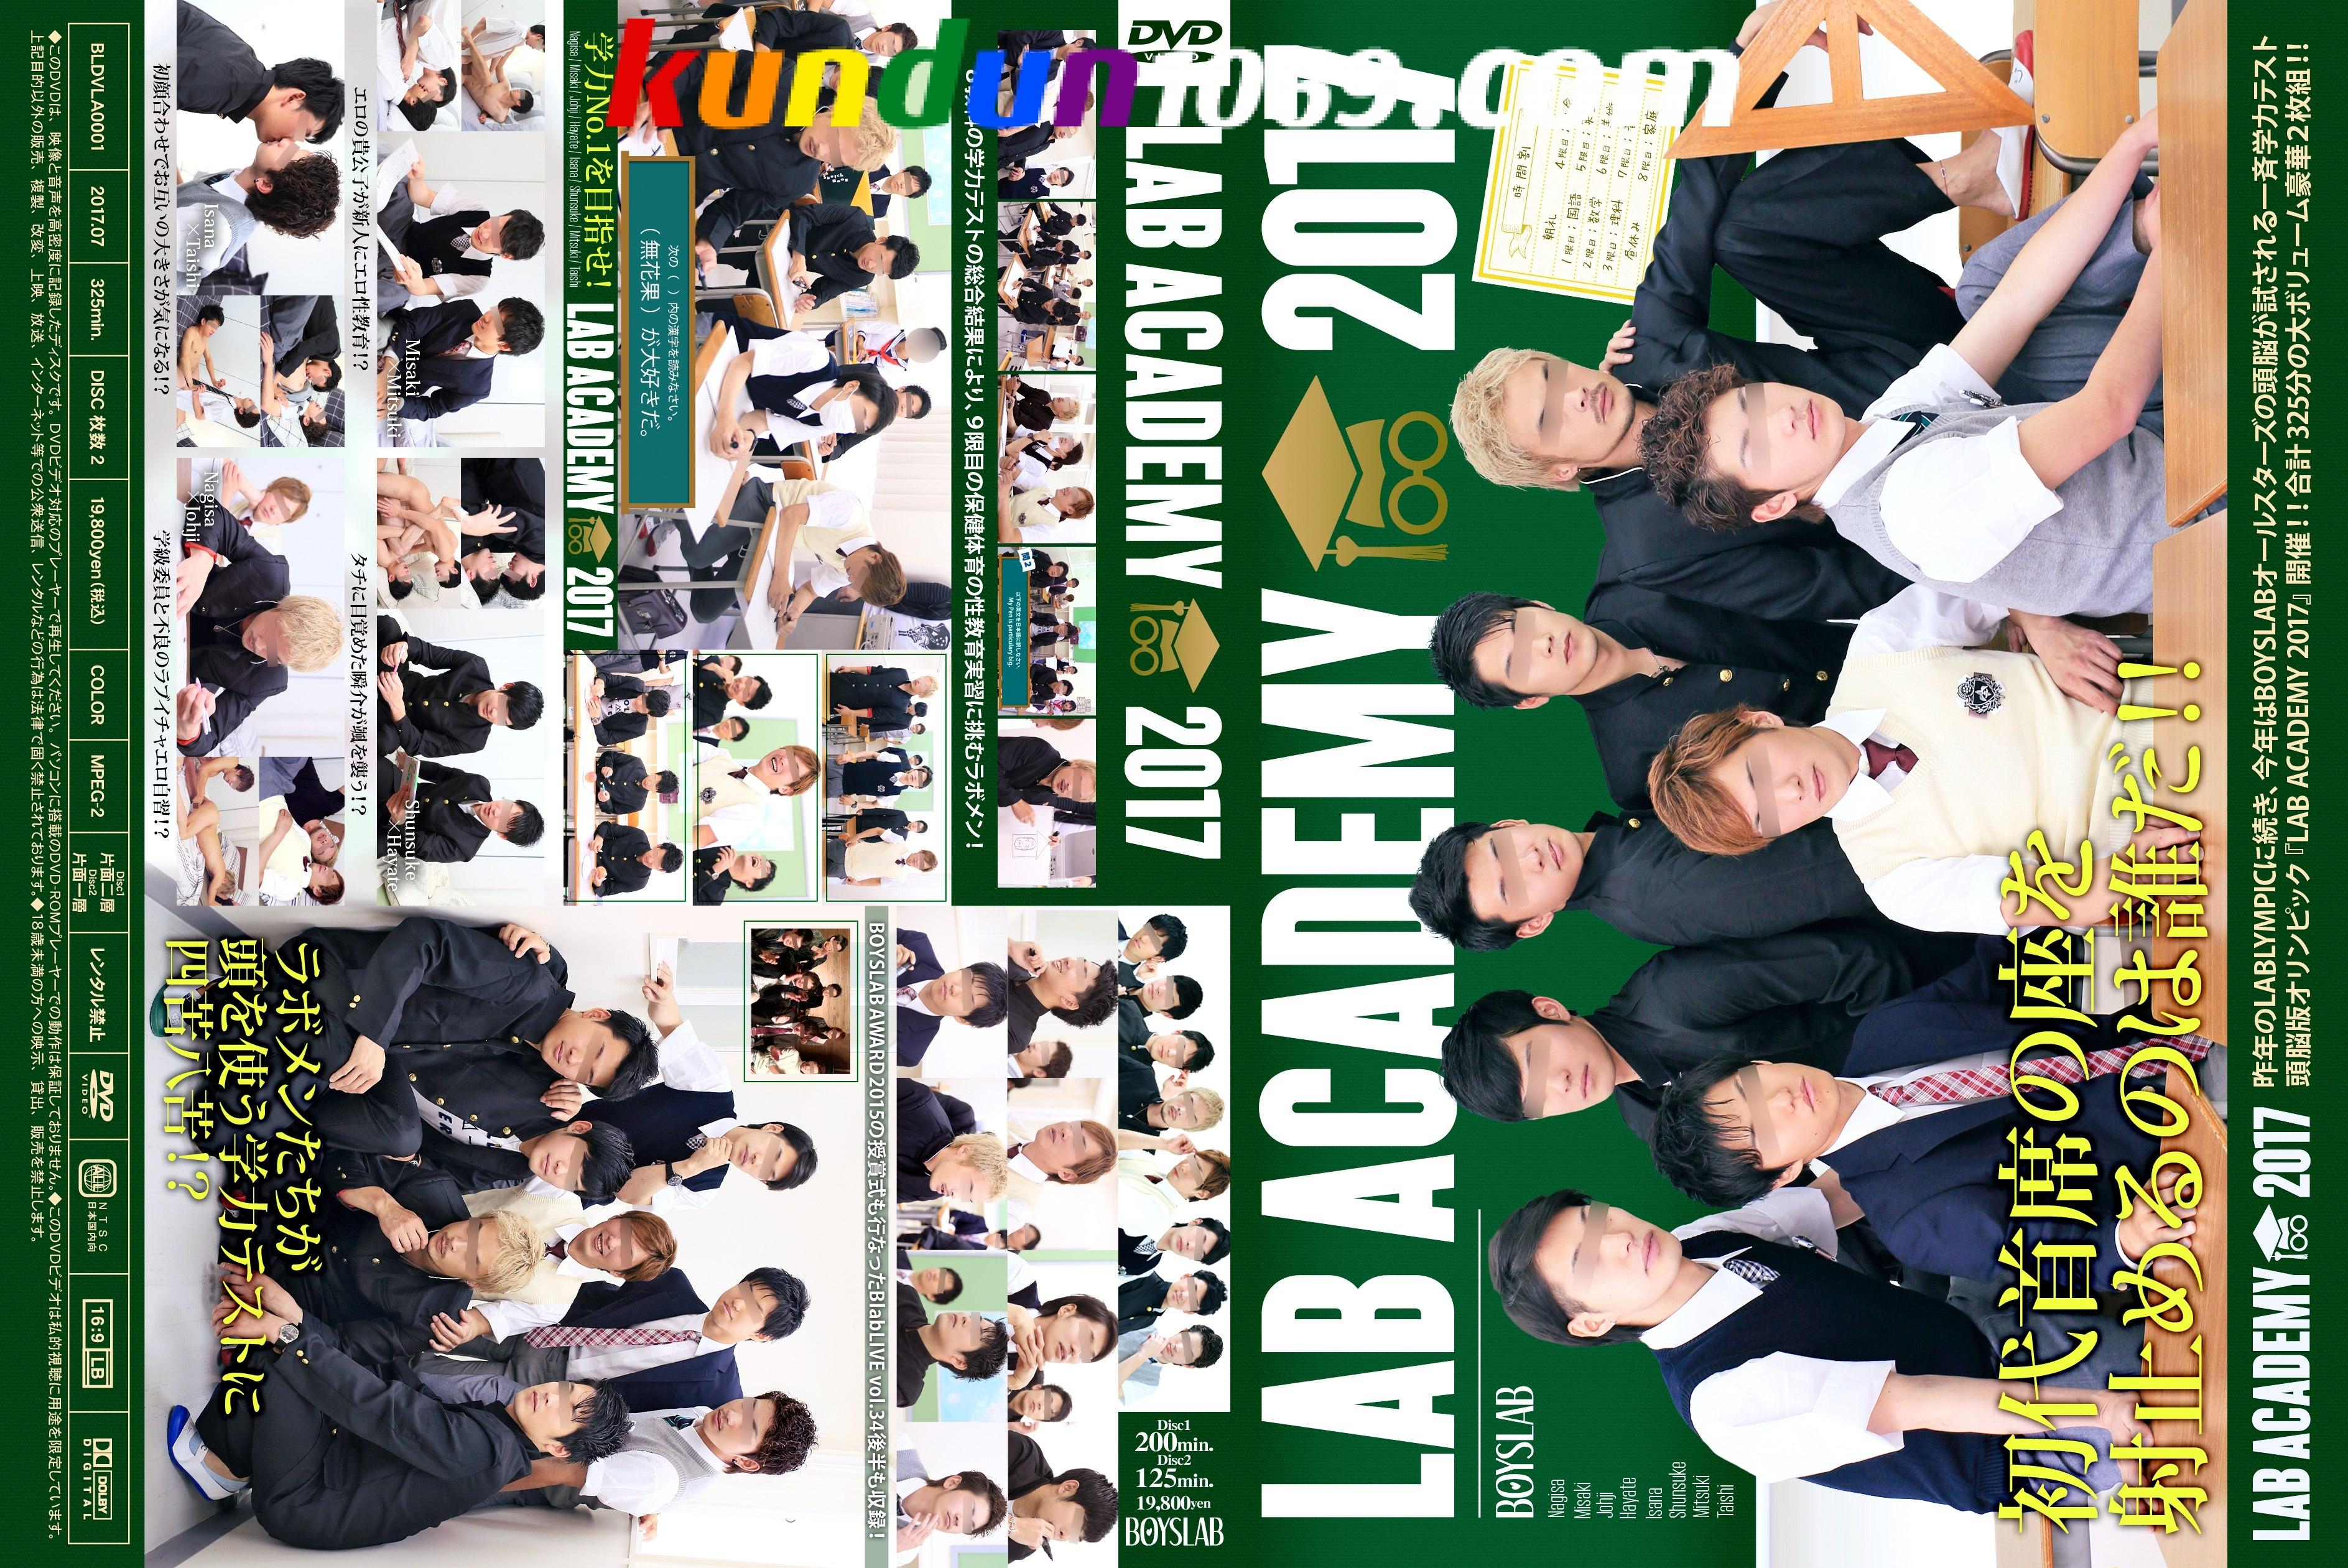 [BOYSLAB] LAB ACADEMY 2017 [DISC 1]